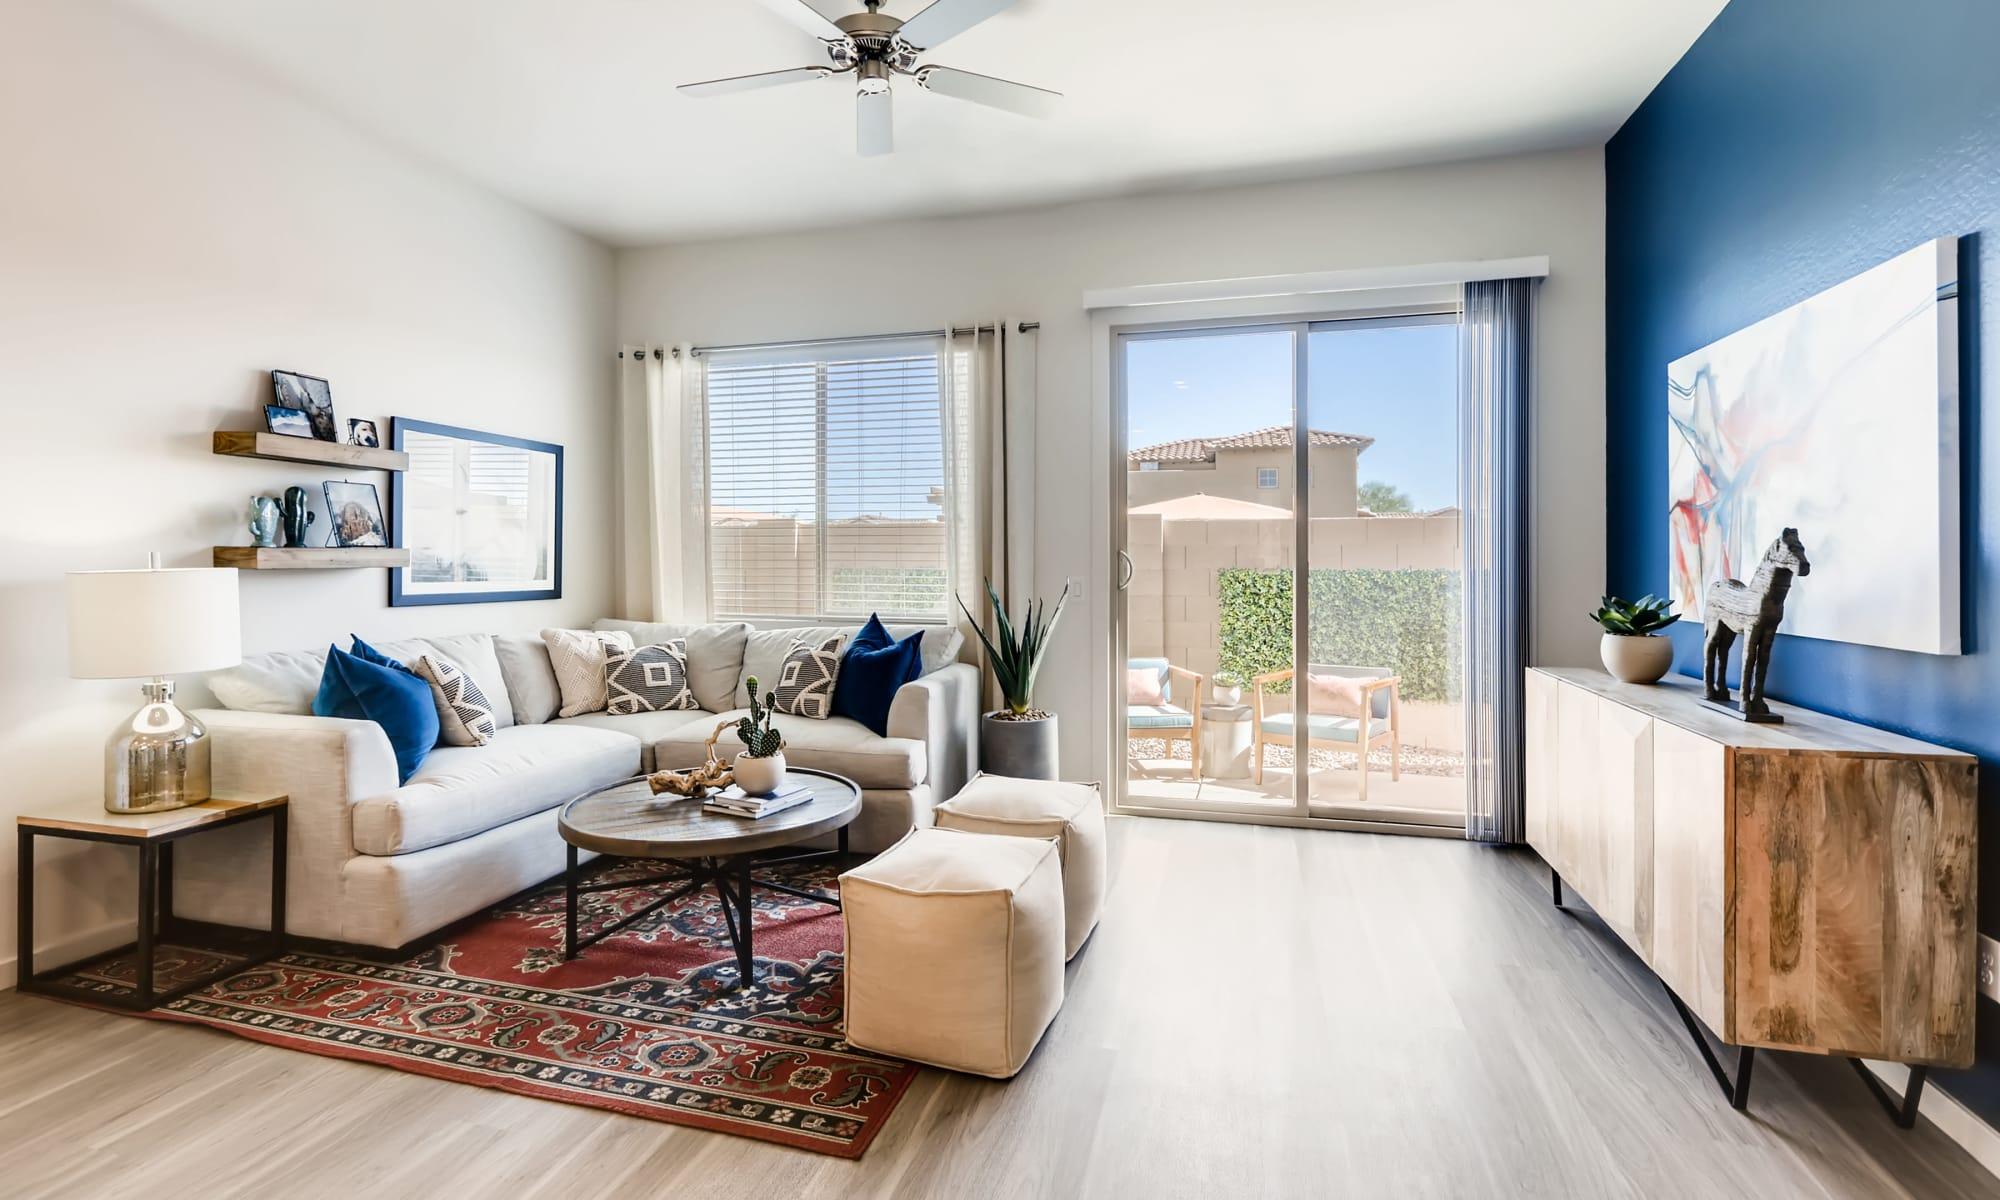 Apartments in Mesa, Arizona at Avilla Enclave